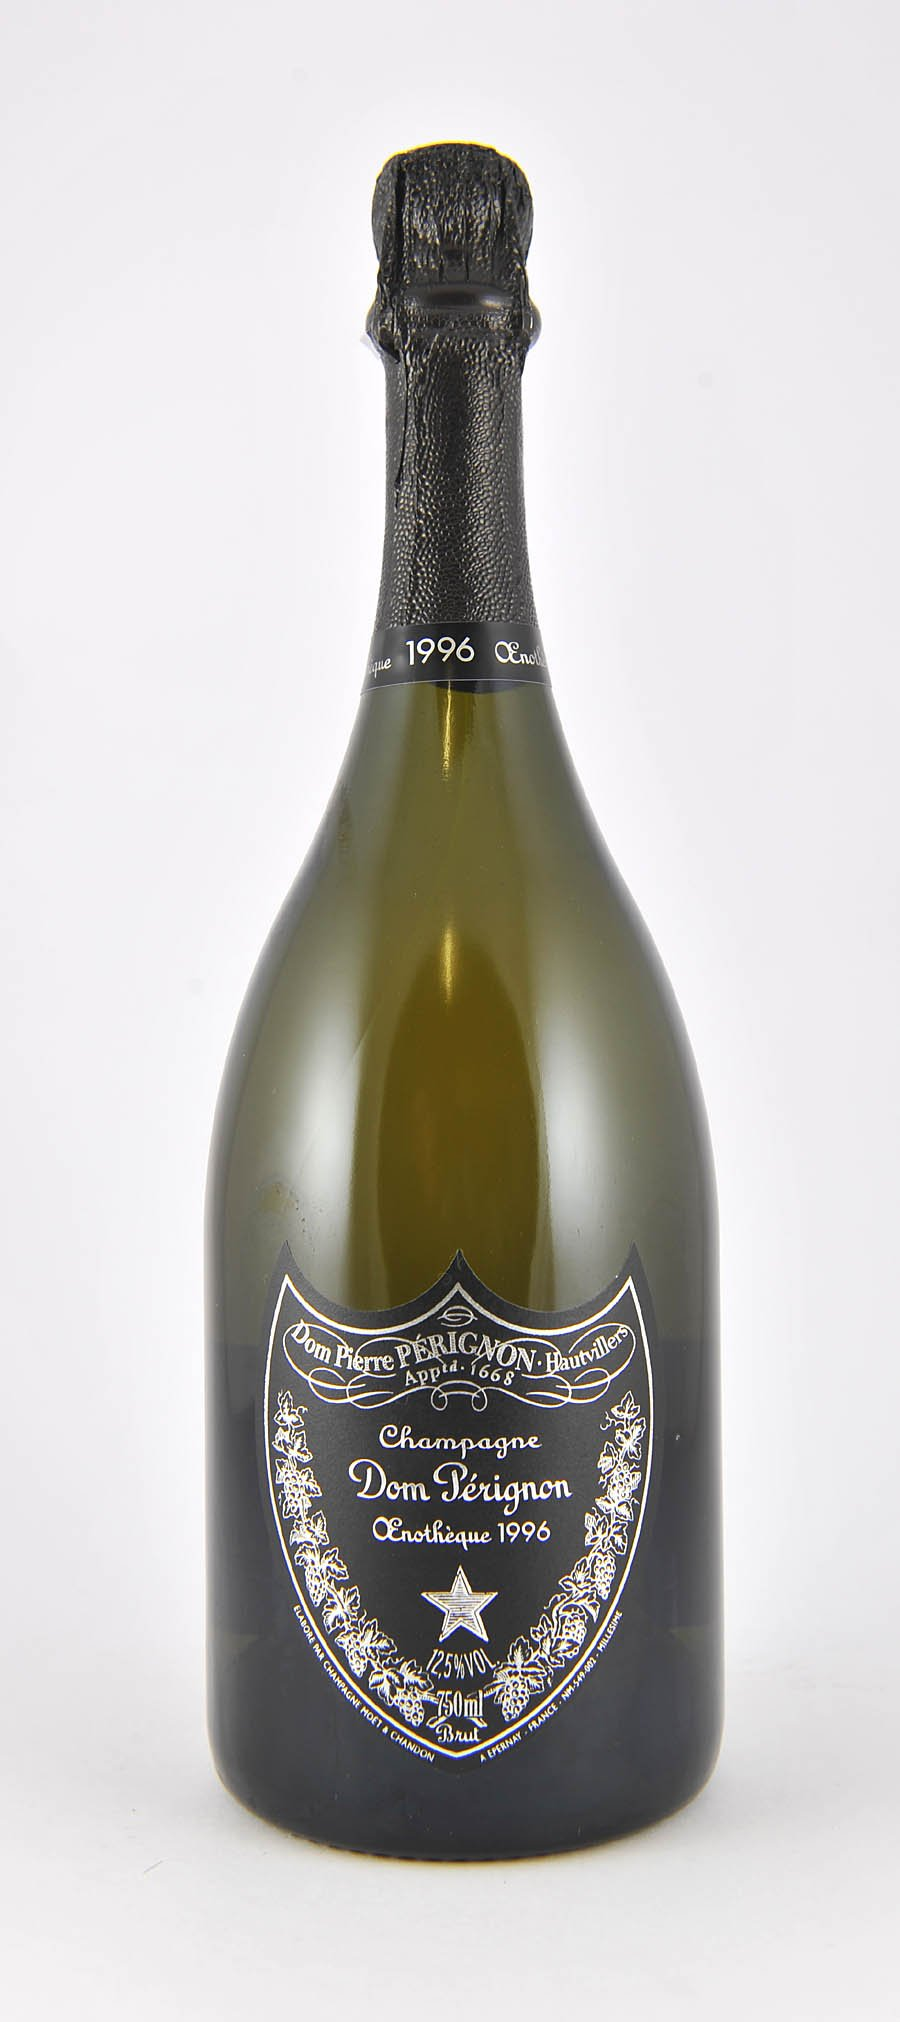 Dom Perignon Oenotheque Vintage Champagne 1996